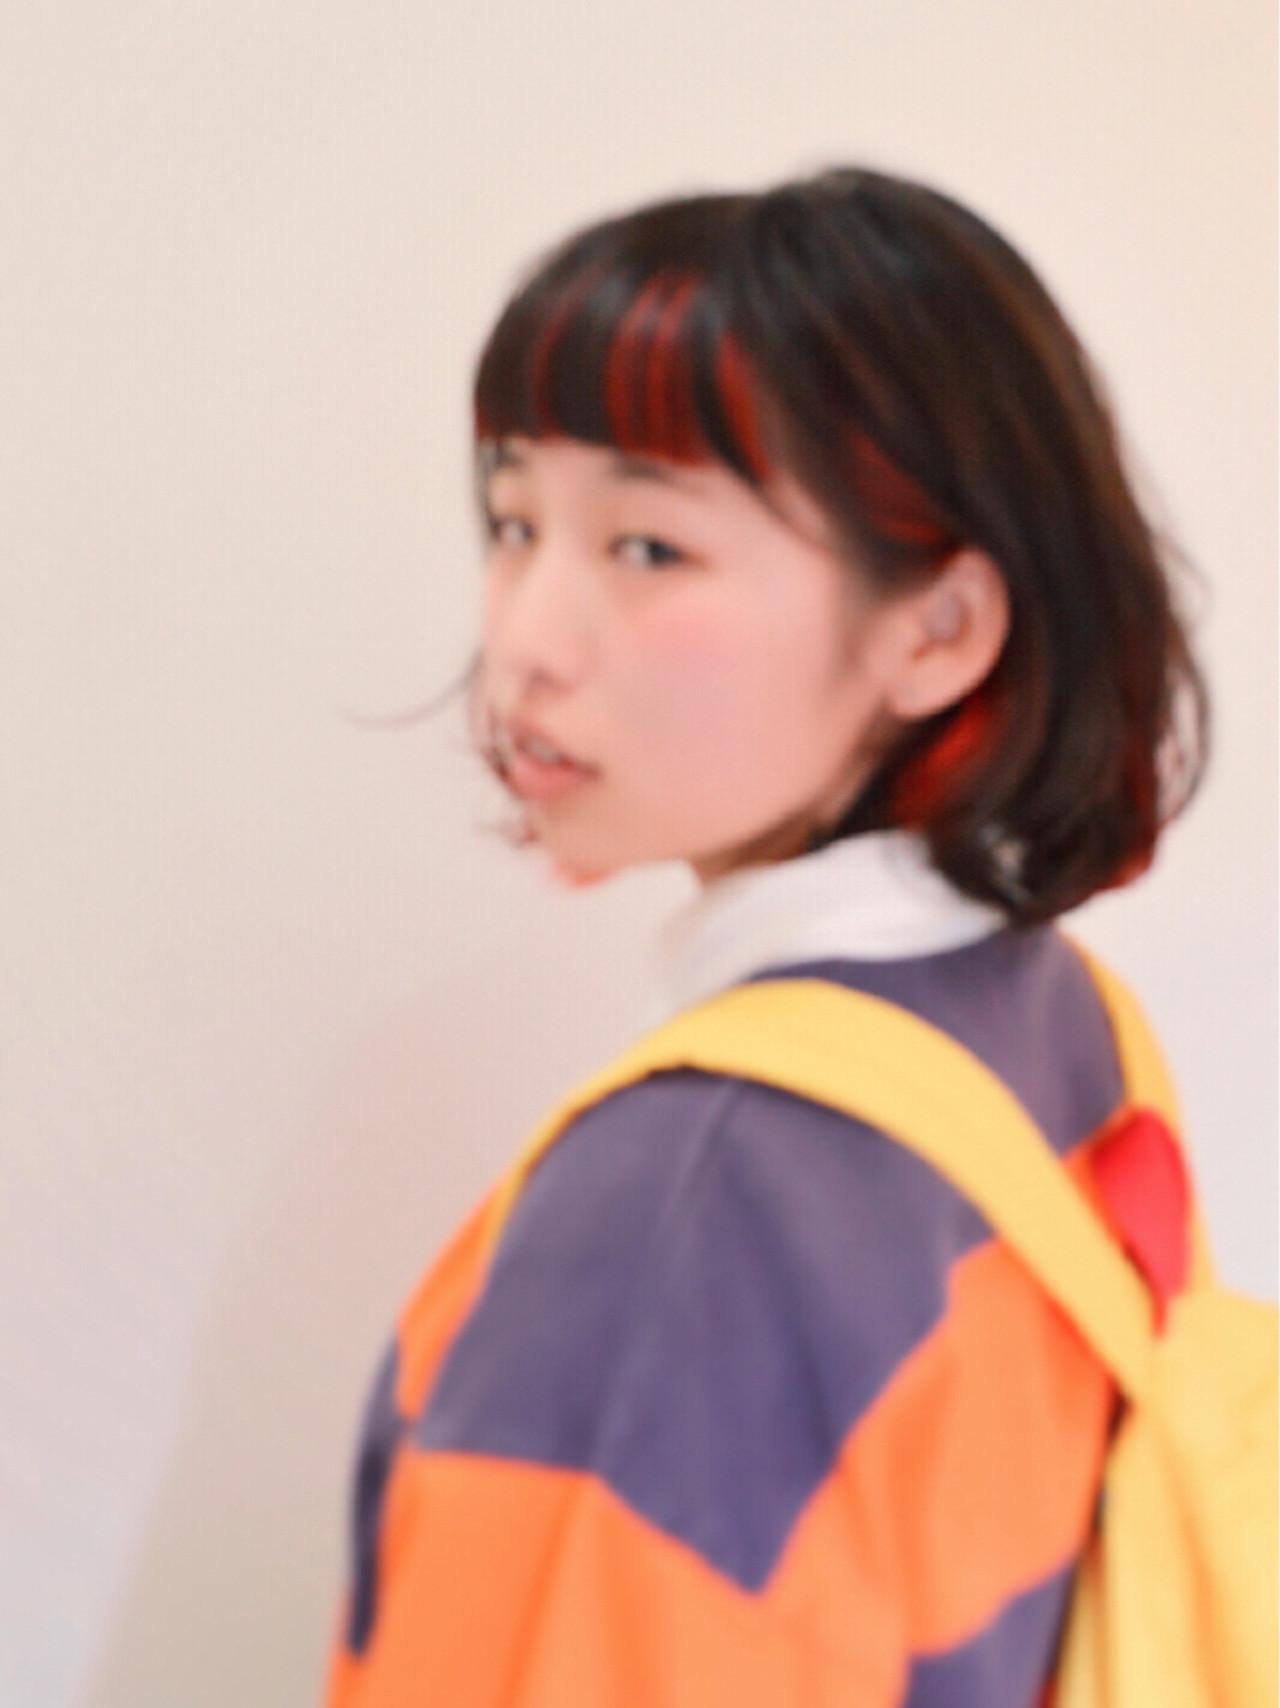 耳かけ レイヤーカット ボブ 前髪あり ヘアスタイルや髪型の写真・画像 | カラーリスト・YuuKi Sekimoto / wherever